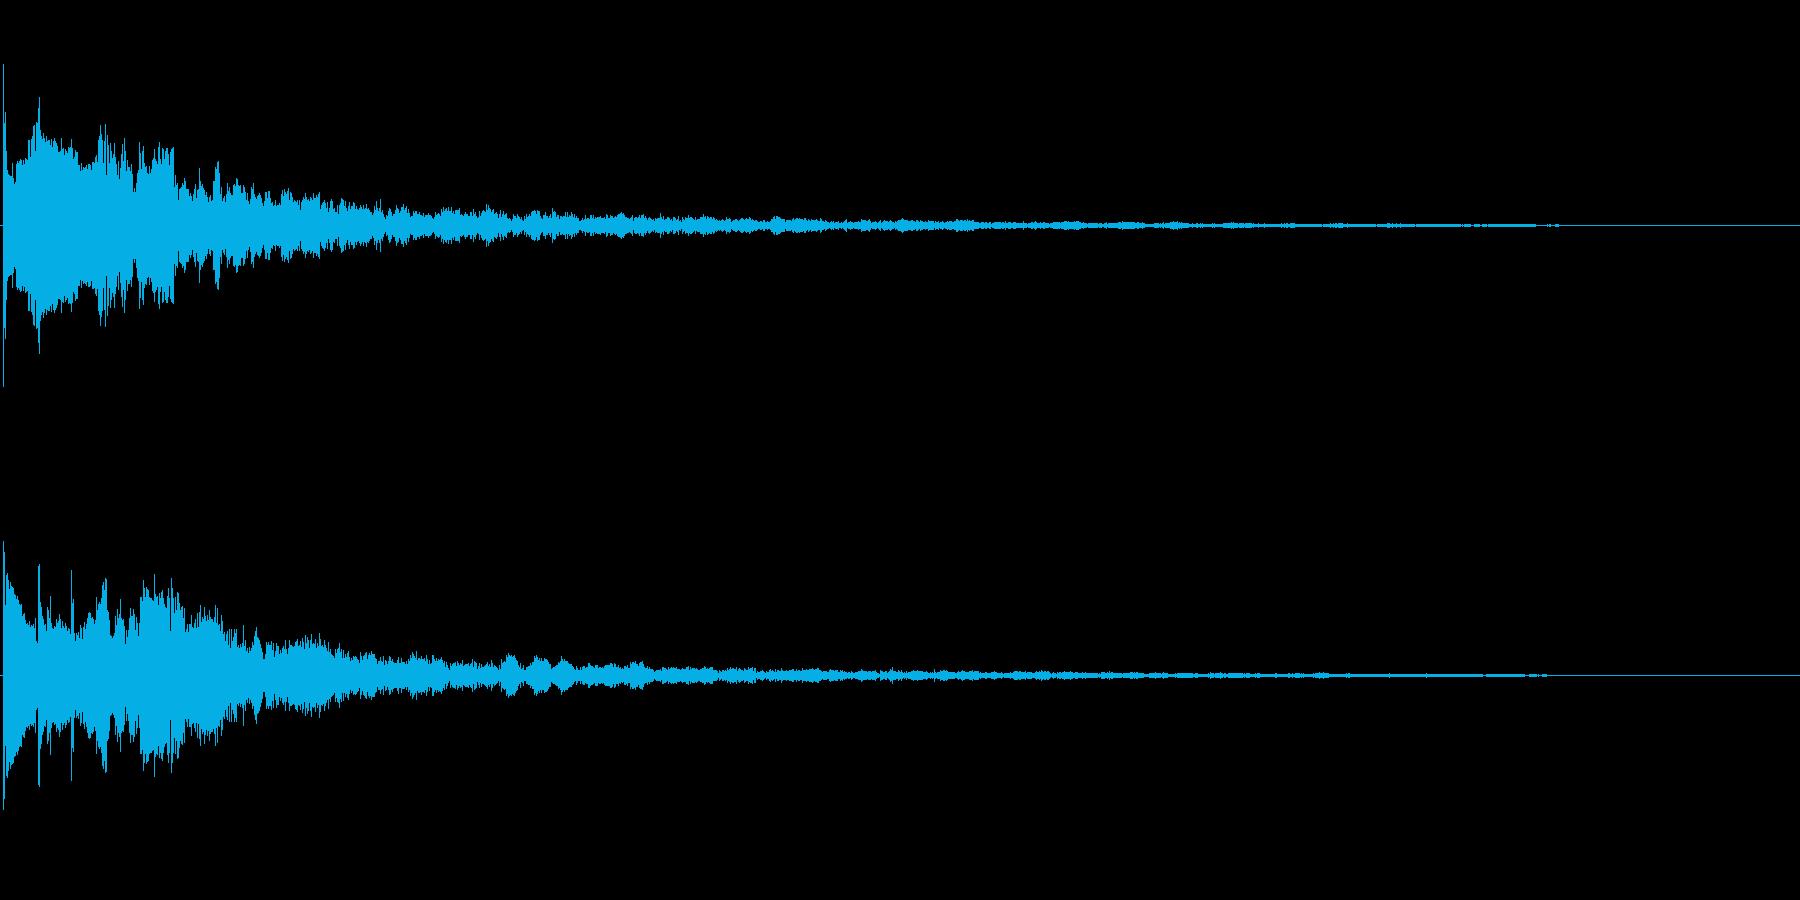 ピコピコとした雰囲気の魔法を唱える音 Gの再生済みの波形